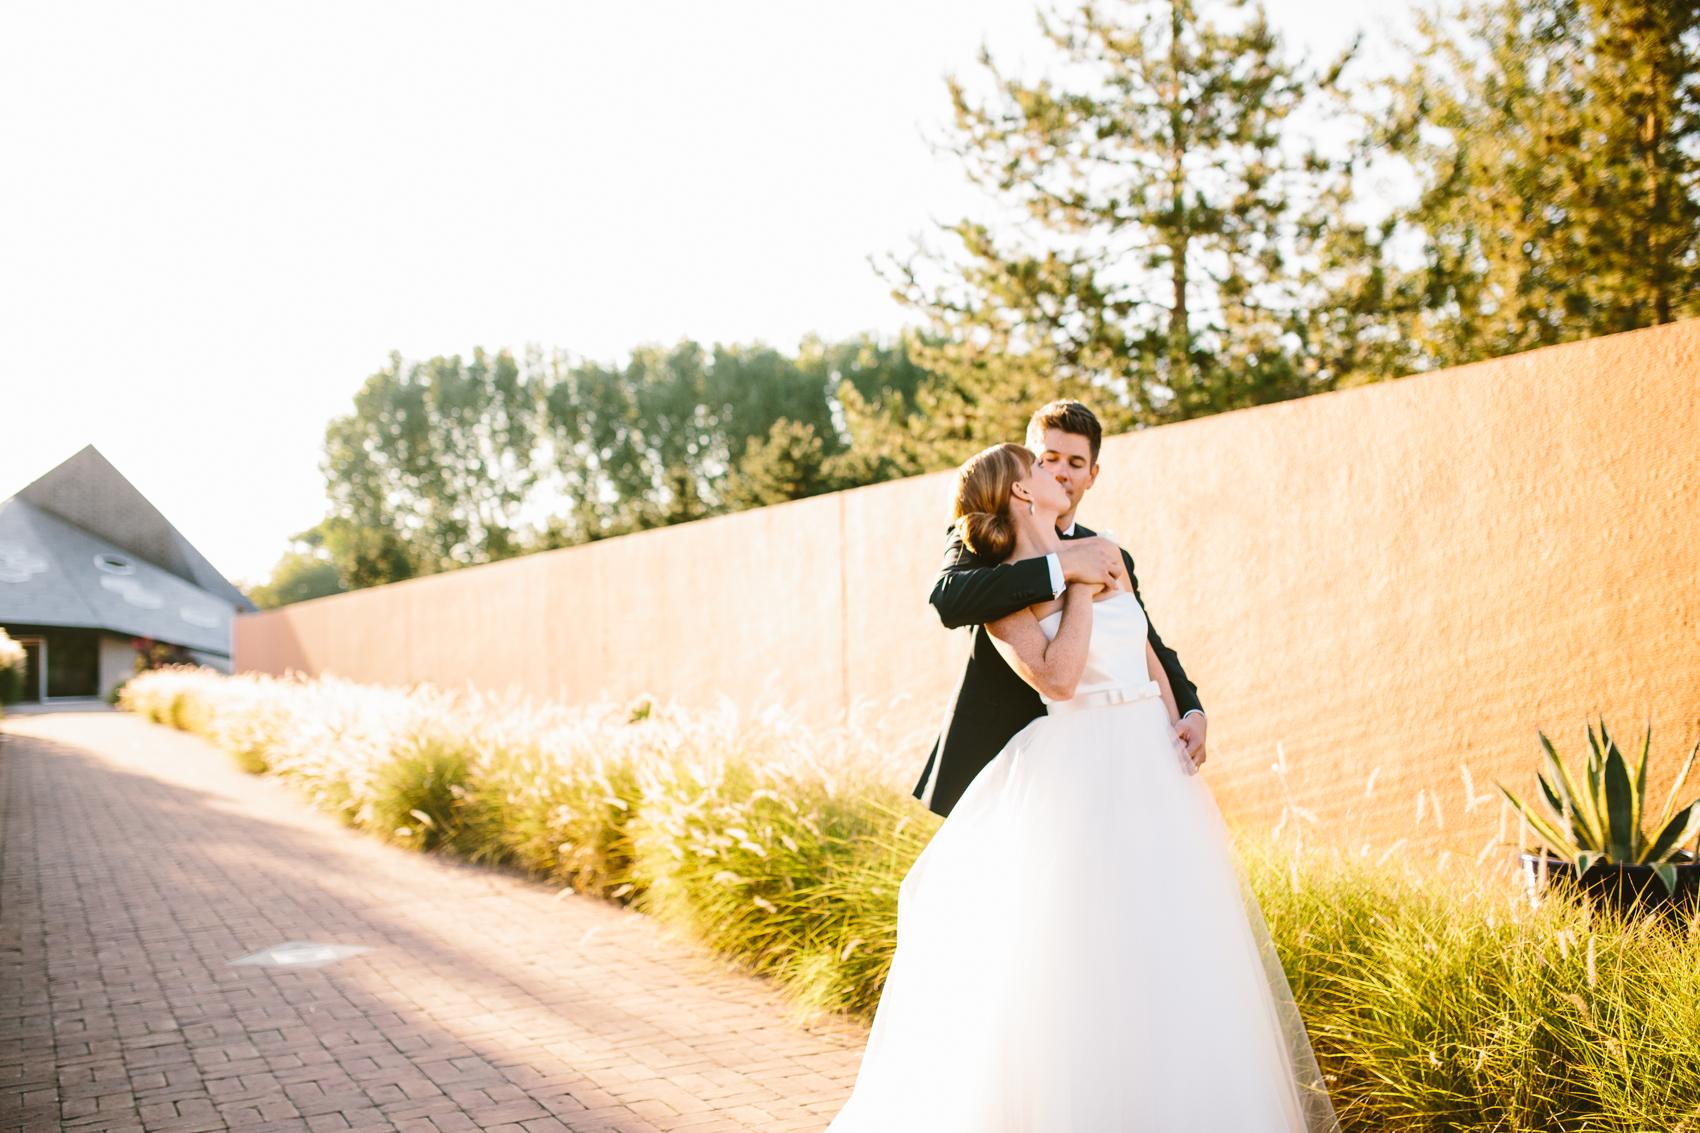 weddings-fth-16.jpg